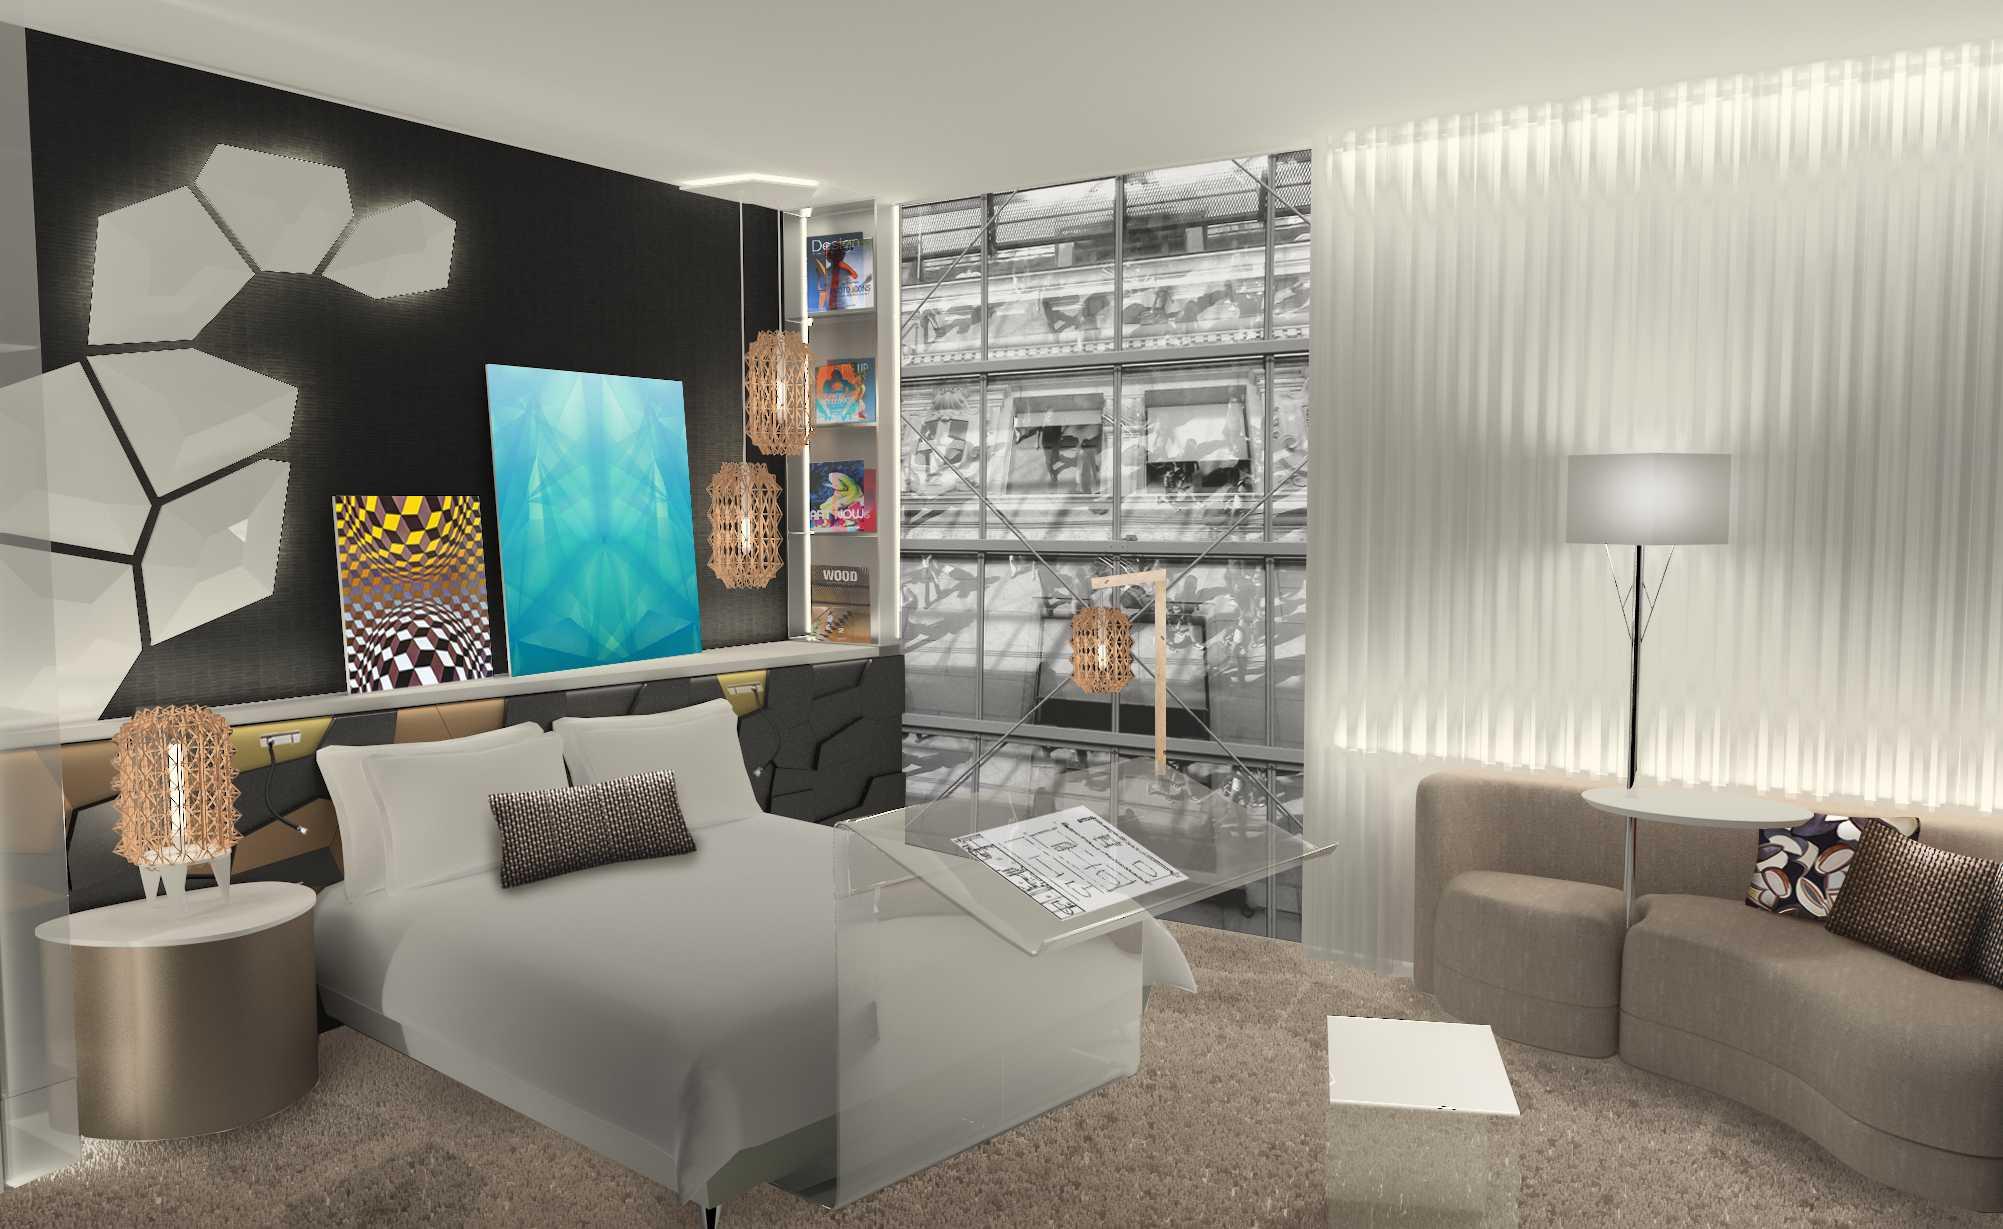 senses room chambre h teli re universelle de demain faire face toute l 39 actualit du. Black Bedroom Furniture Sets. Home Design Ideas